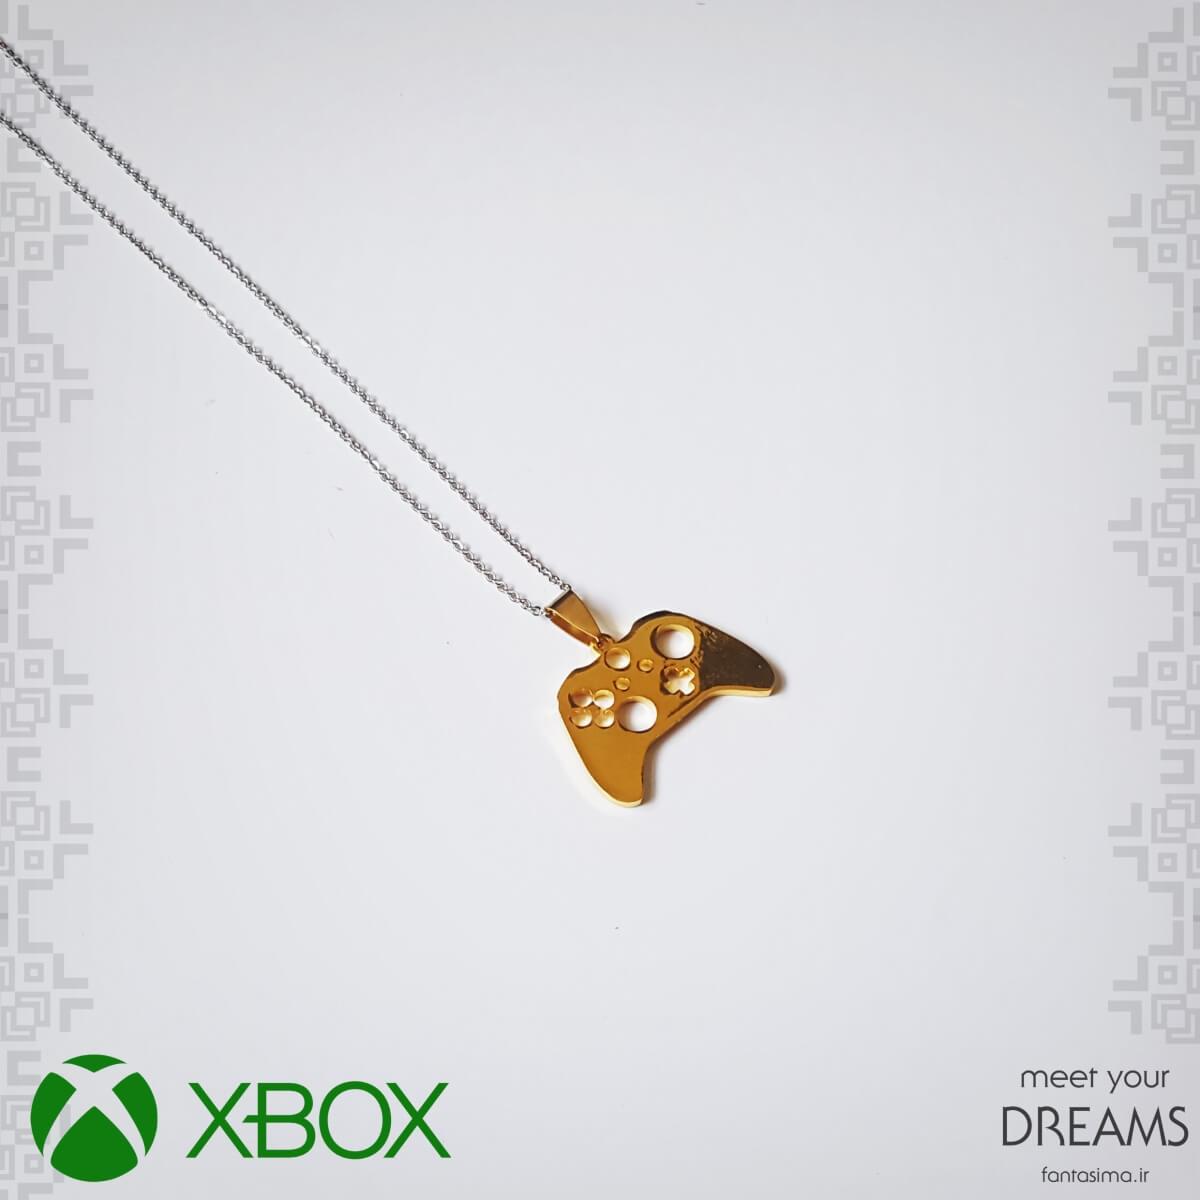 گردنبند نماد کنترلر ایکس باکس وان - طلایی